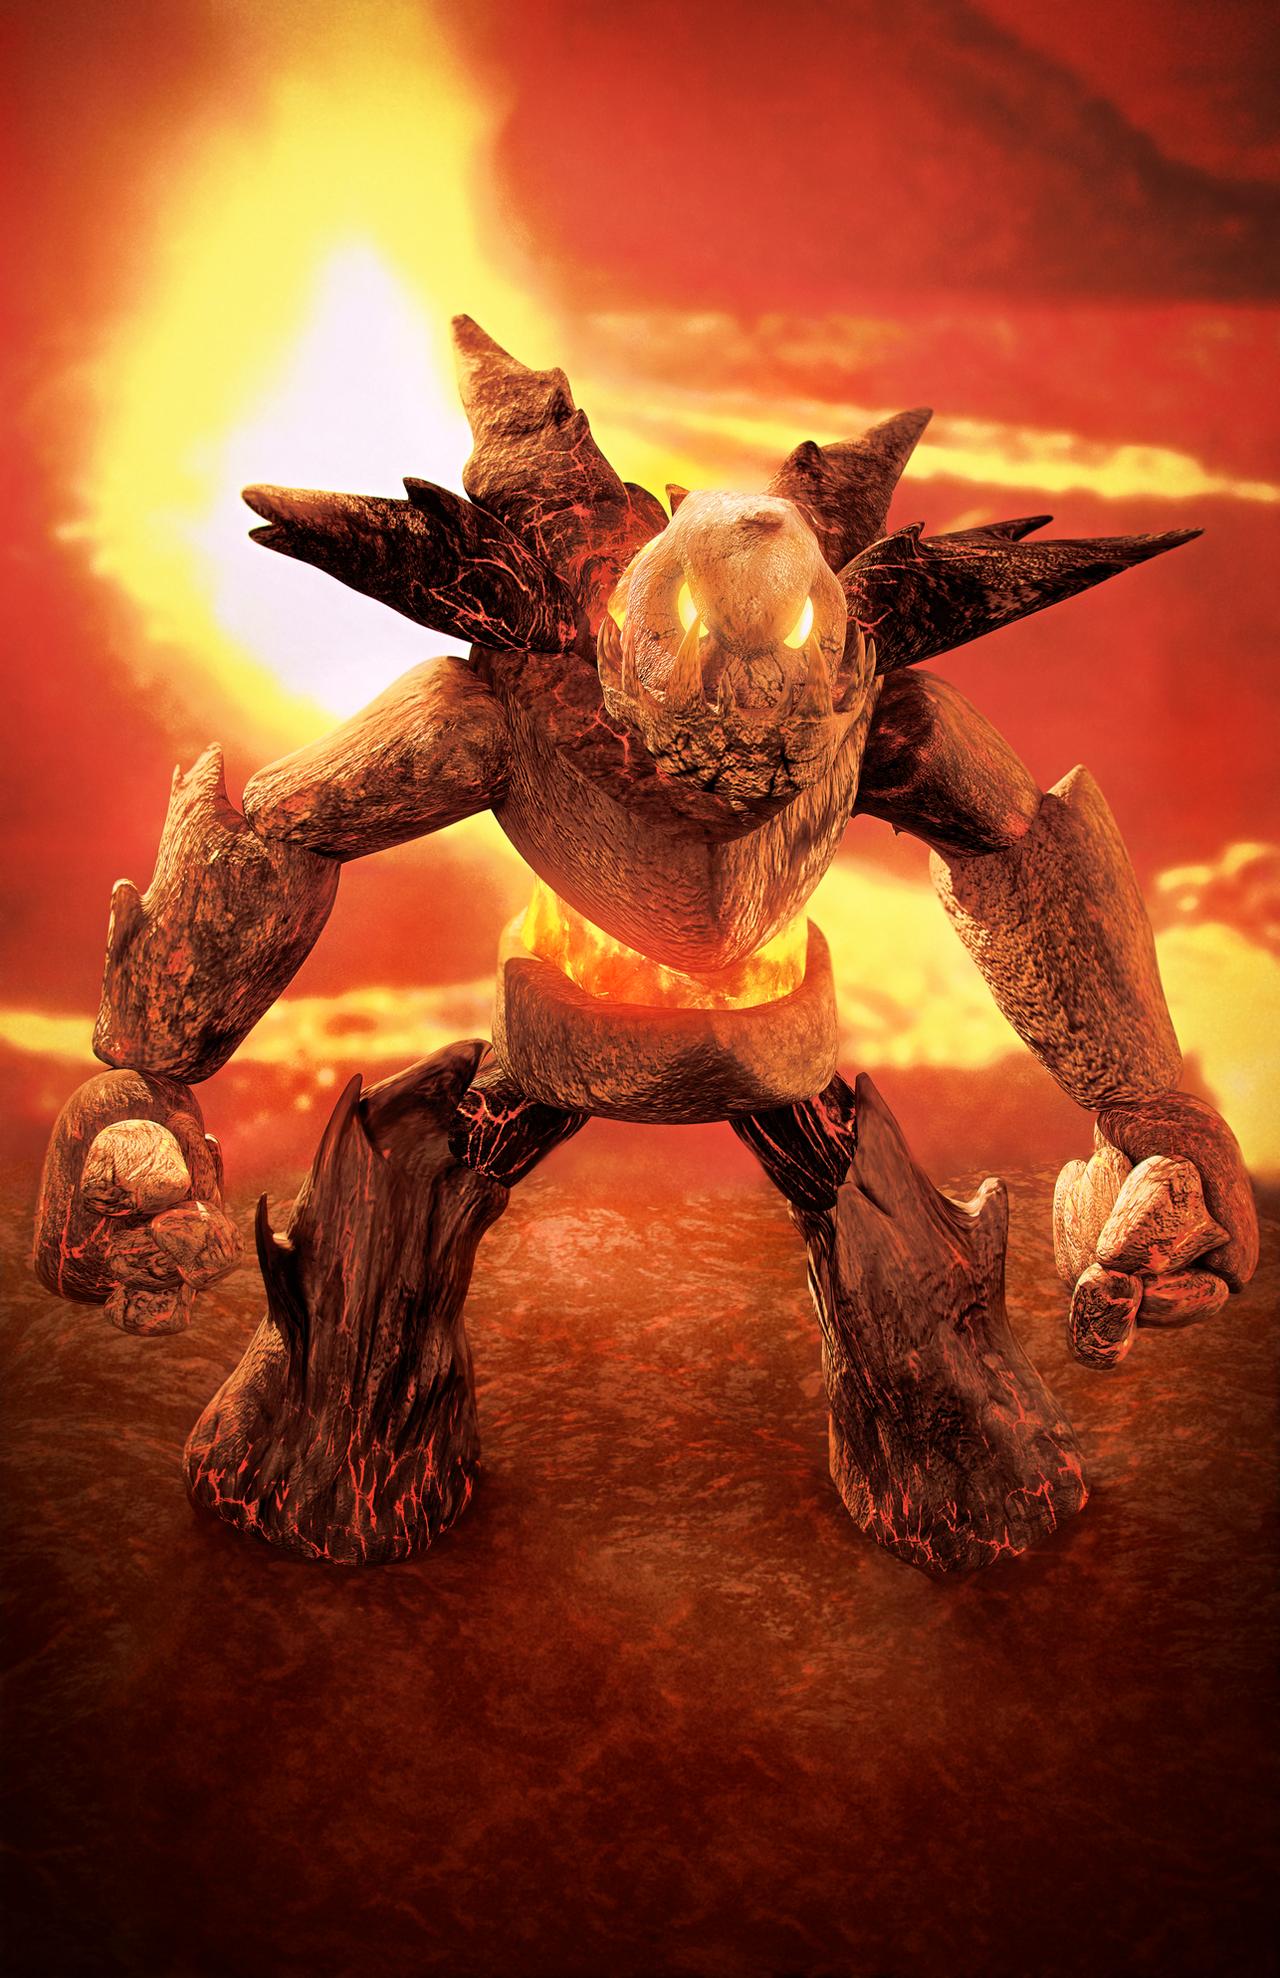 Fire Golem - chosen by gagaman92